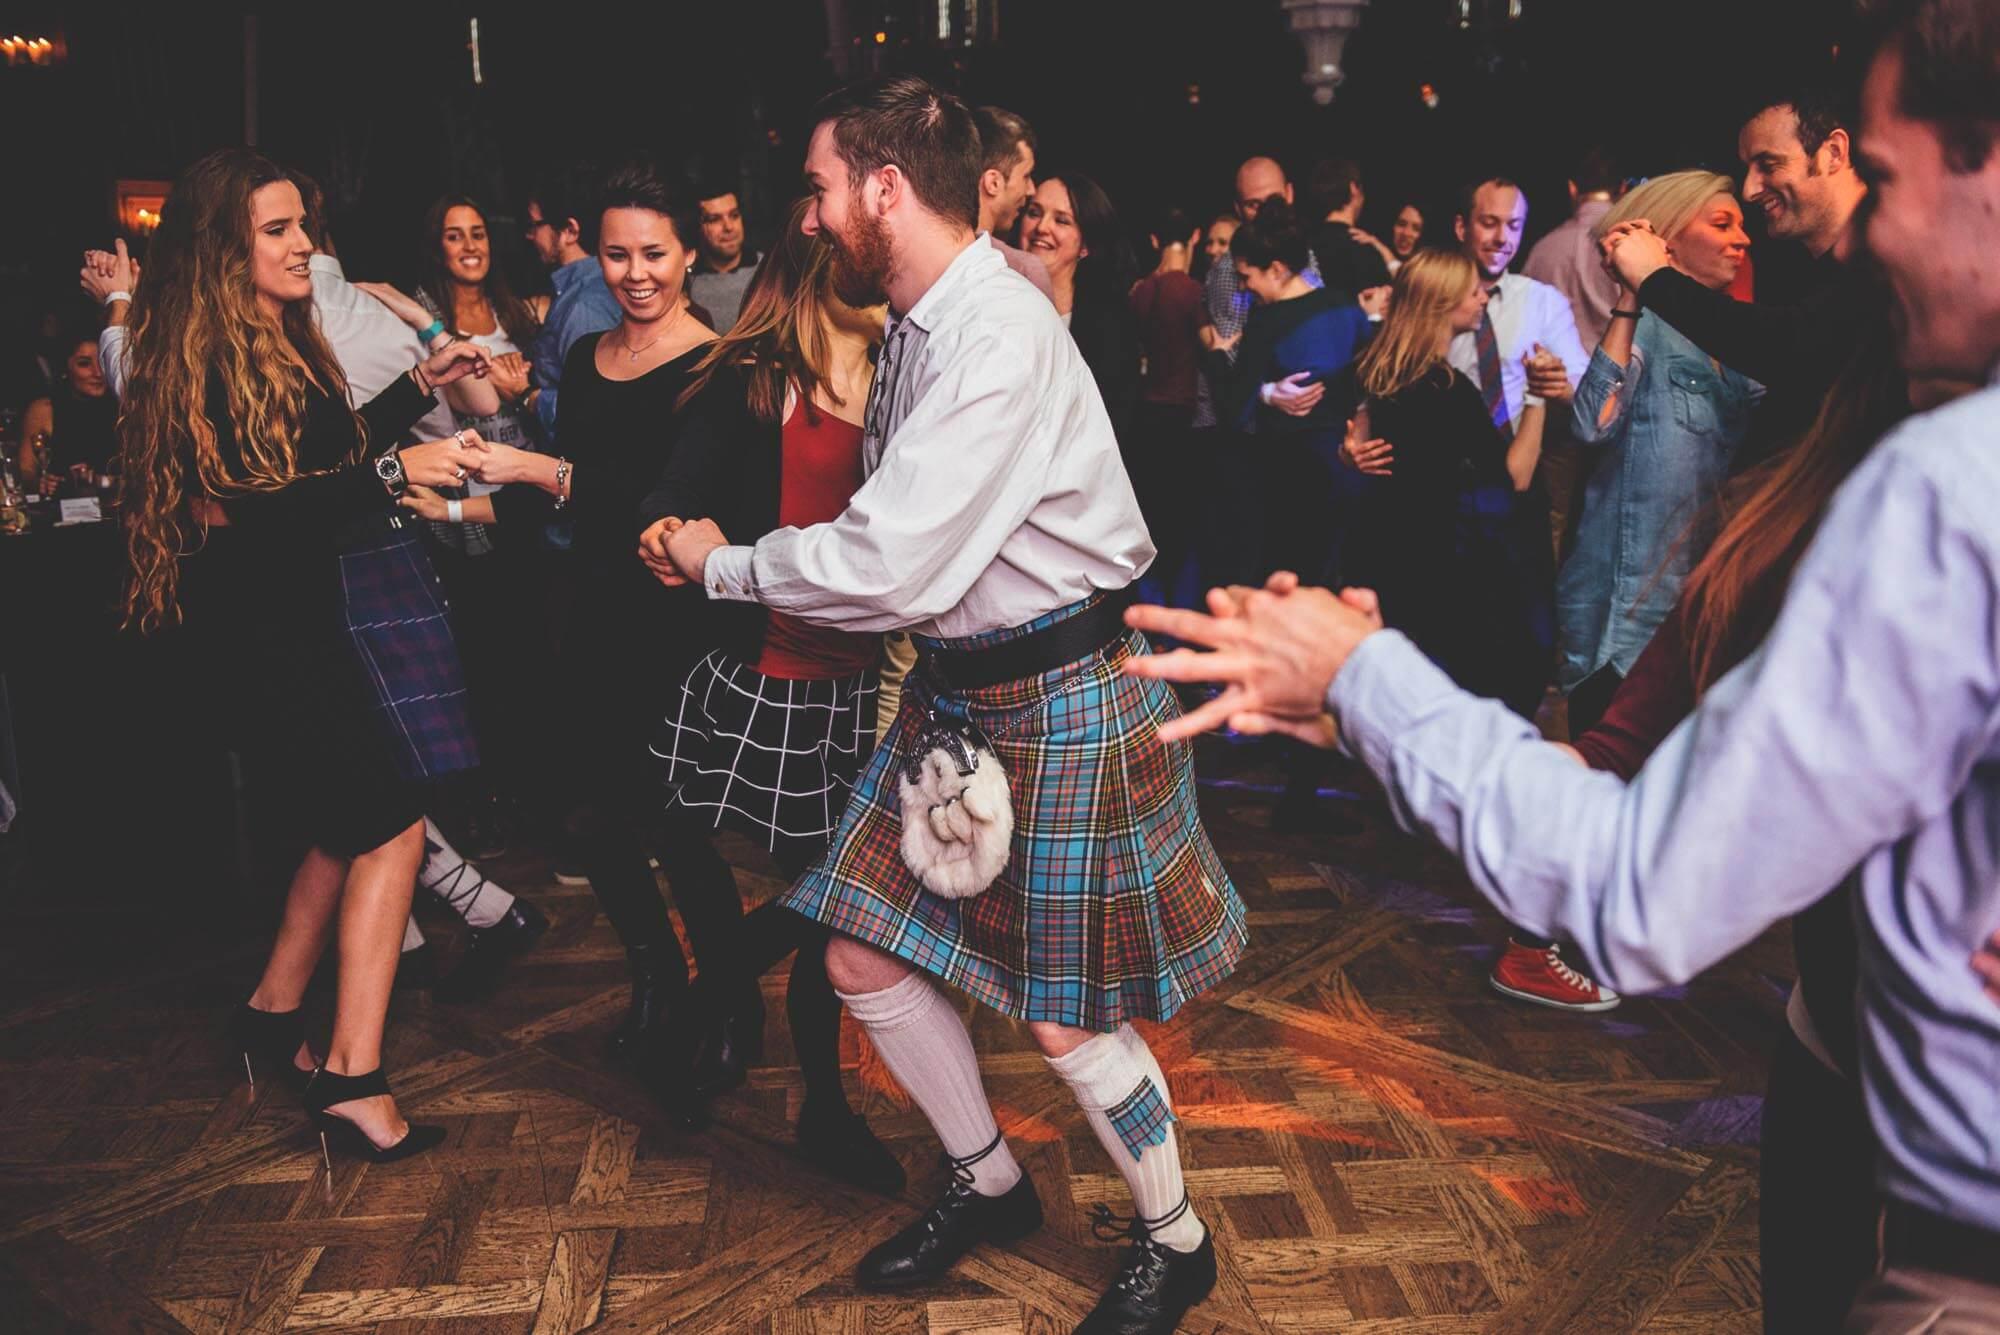 Ceilidh celebration at Ghillie Dhu, Edinburgh